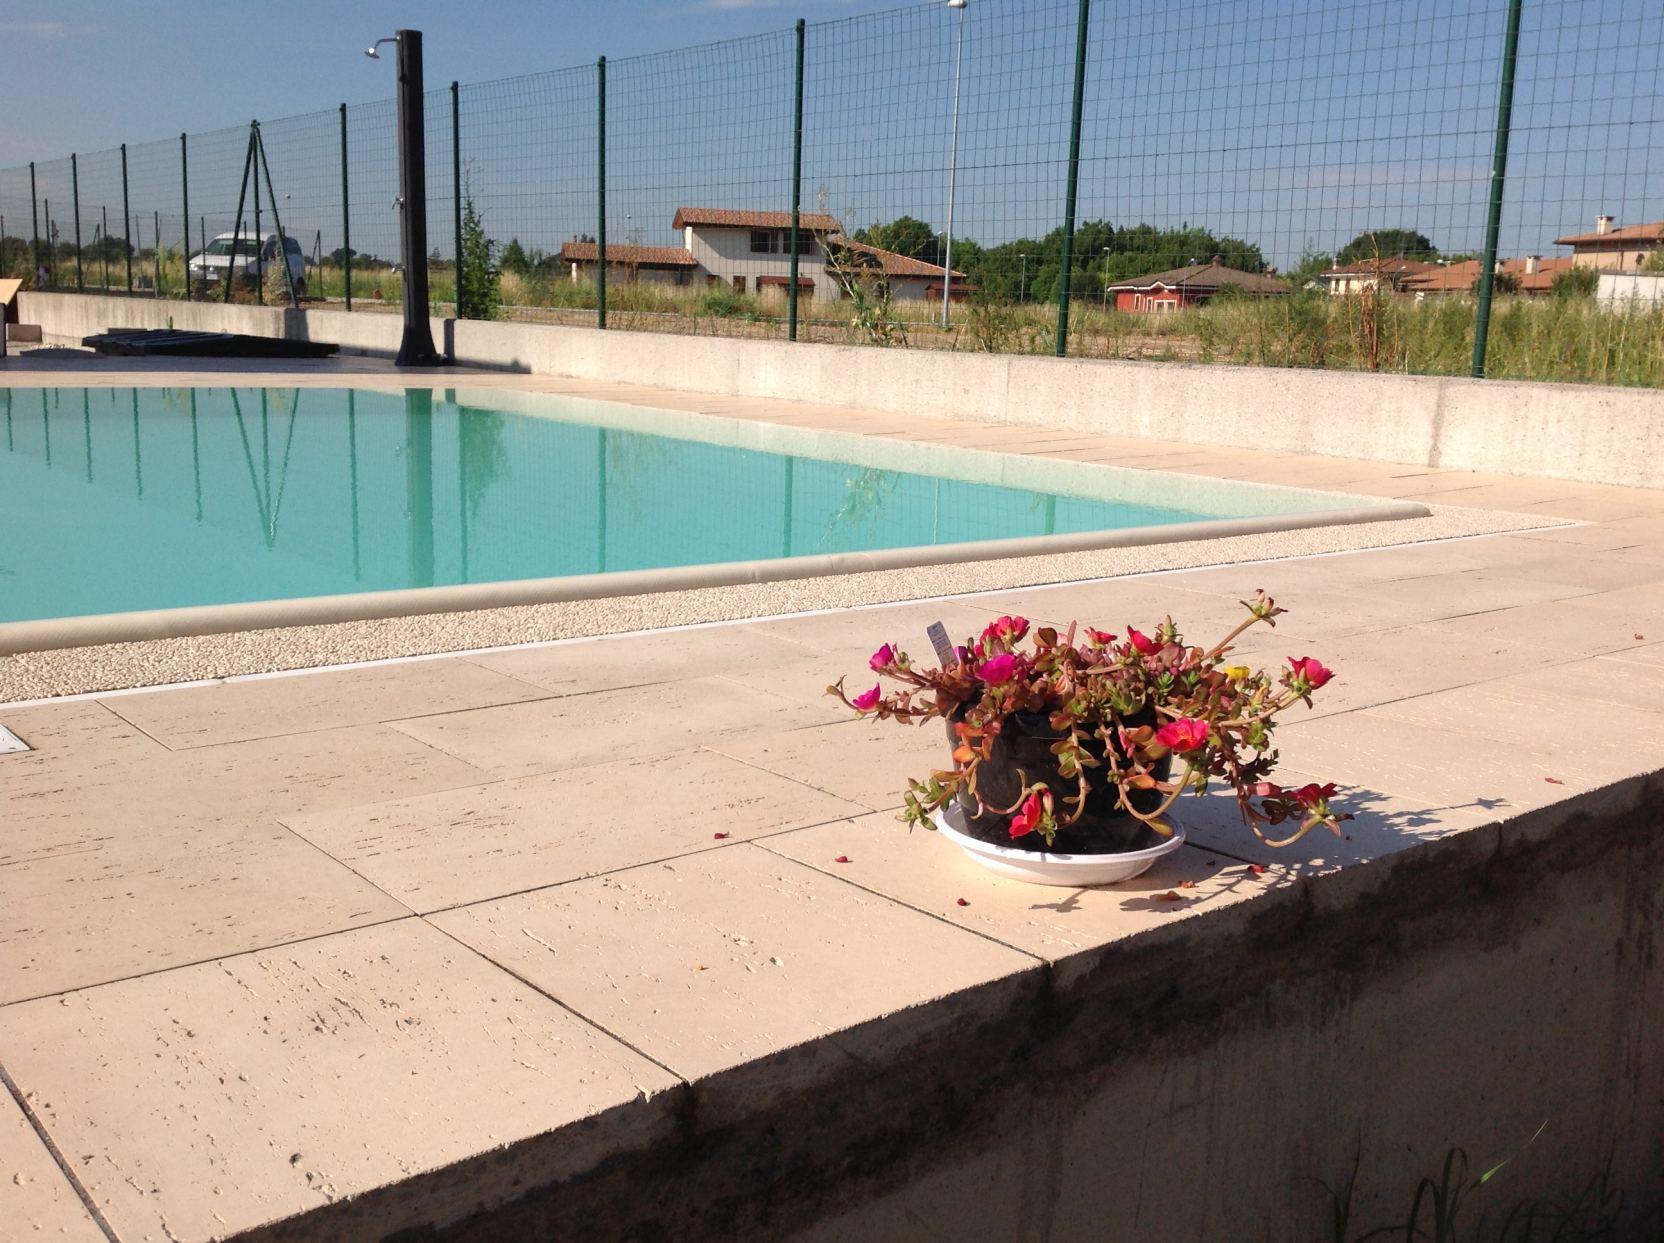 Bagnolo San Vito (6) - Casareggio Piscine: piscine, piscine mantova, costruttori di piscine